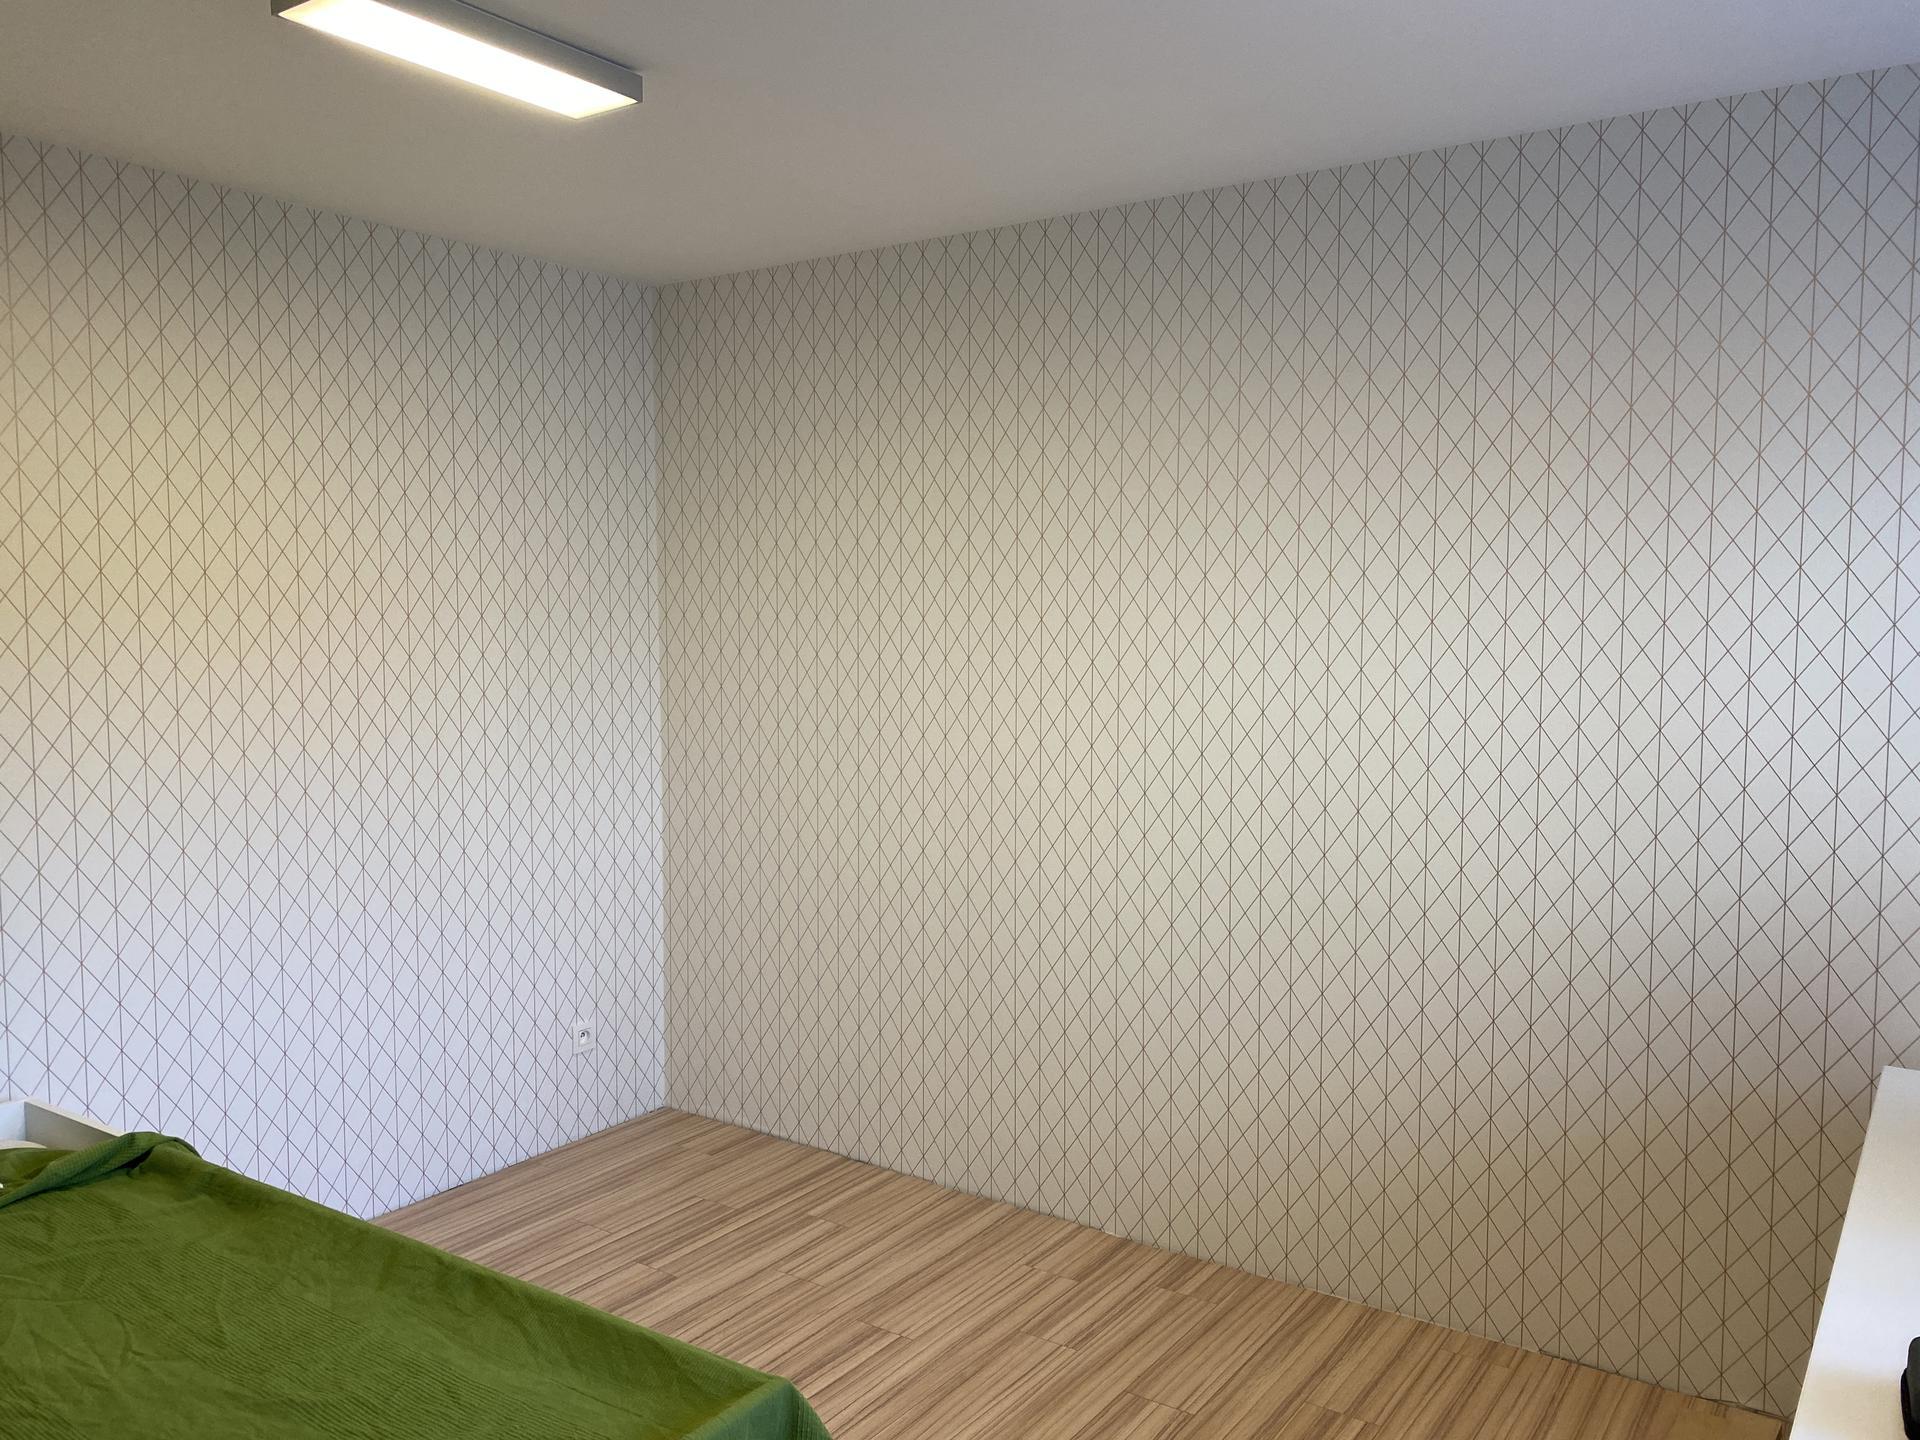 Lamelová stena Limbach - lamelová stena, lamelový strop, lamely na stenu, lamelový obklad, stenové lamely, montáž lamely, samostatné lamely, dubové lamely, interiérové stenové lamely 11